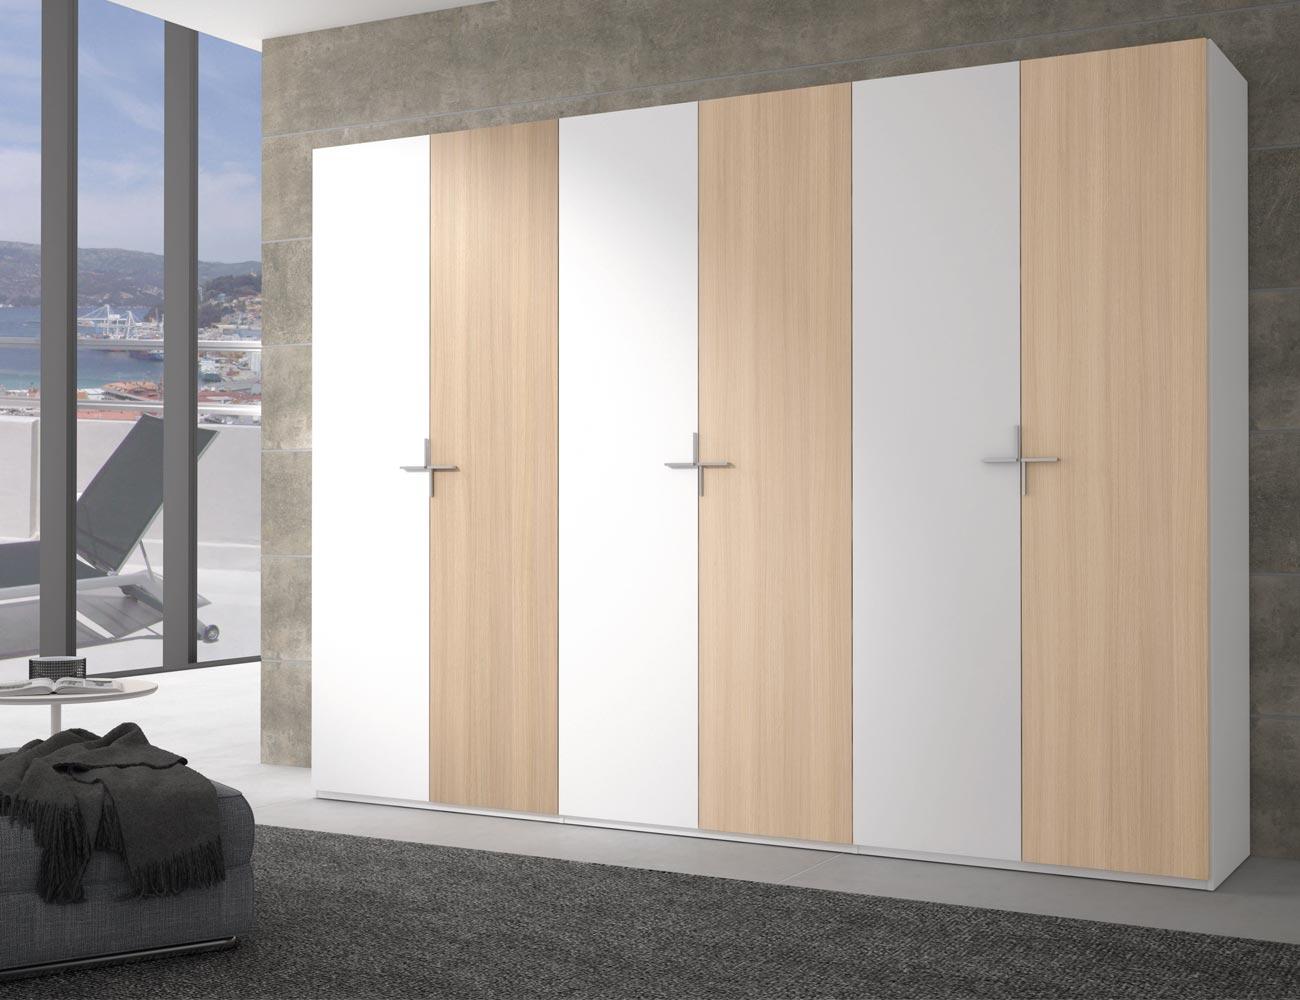 Armario puertas abatibles blanco roble3